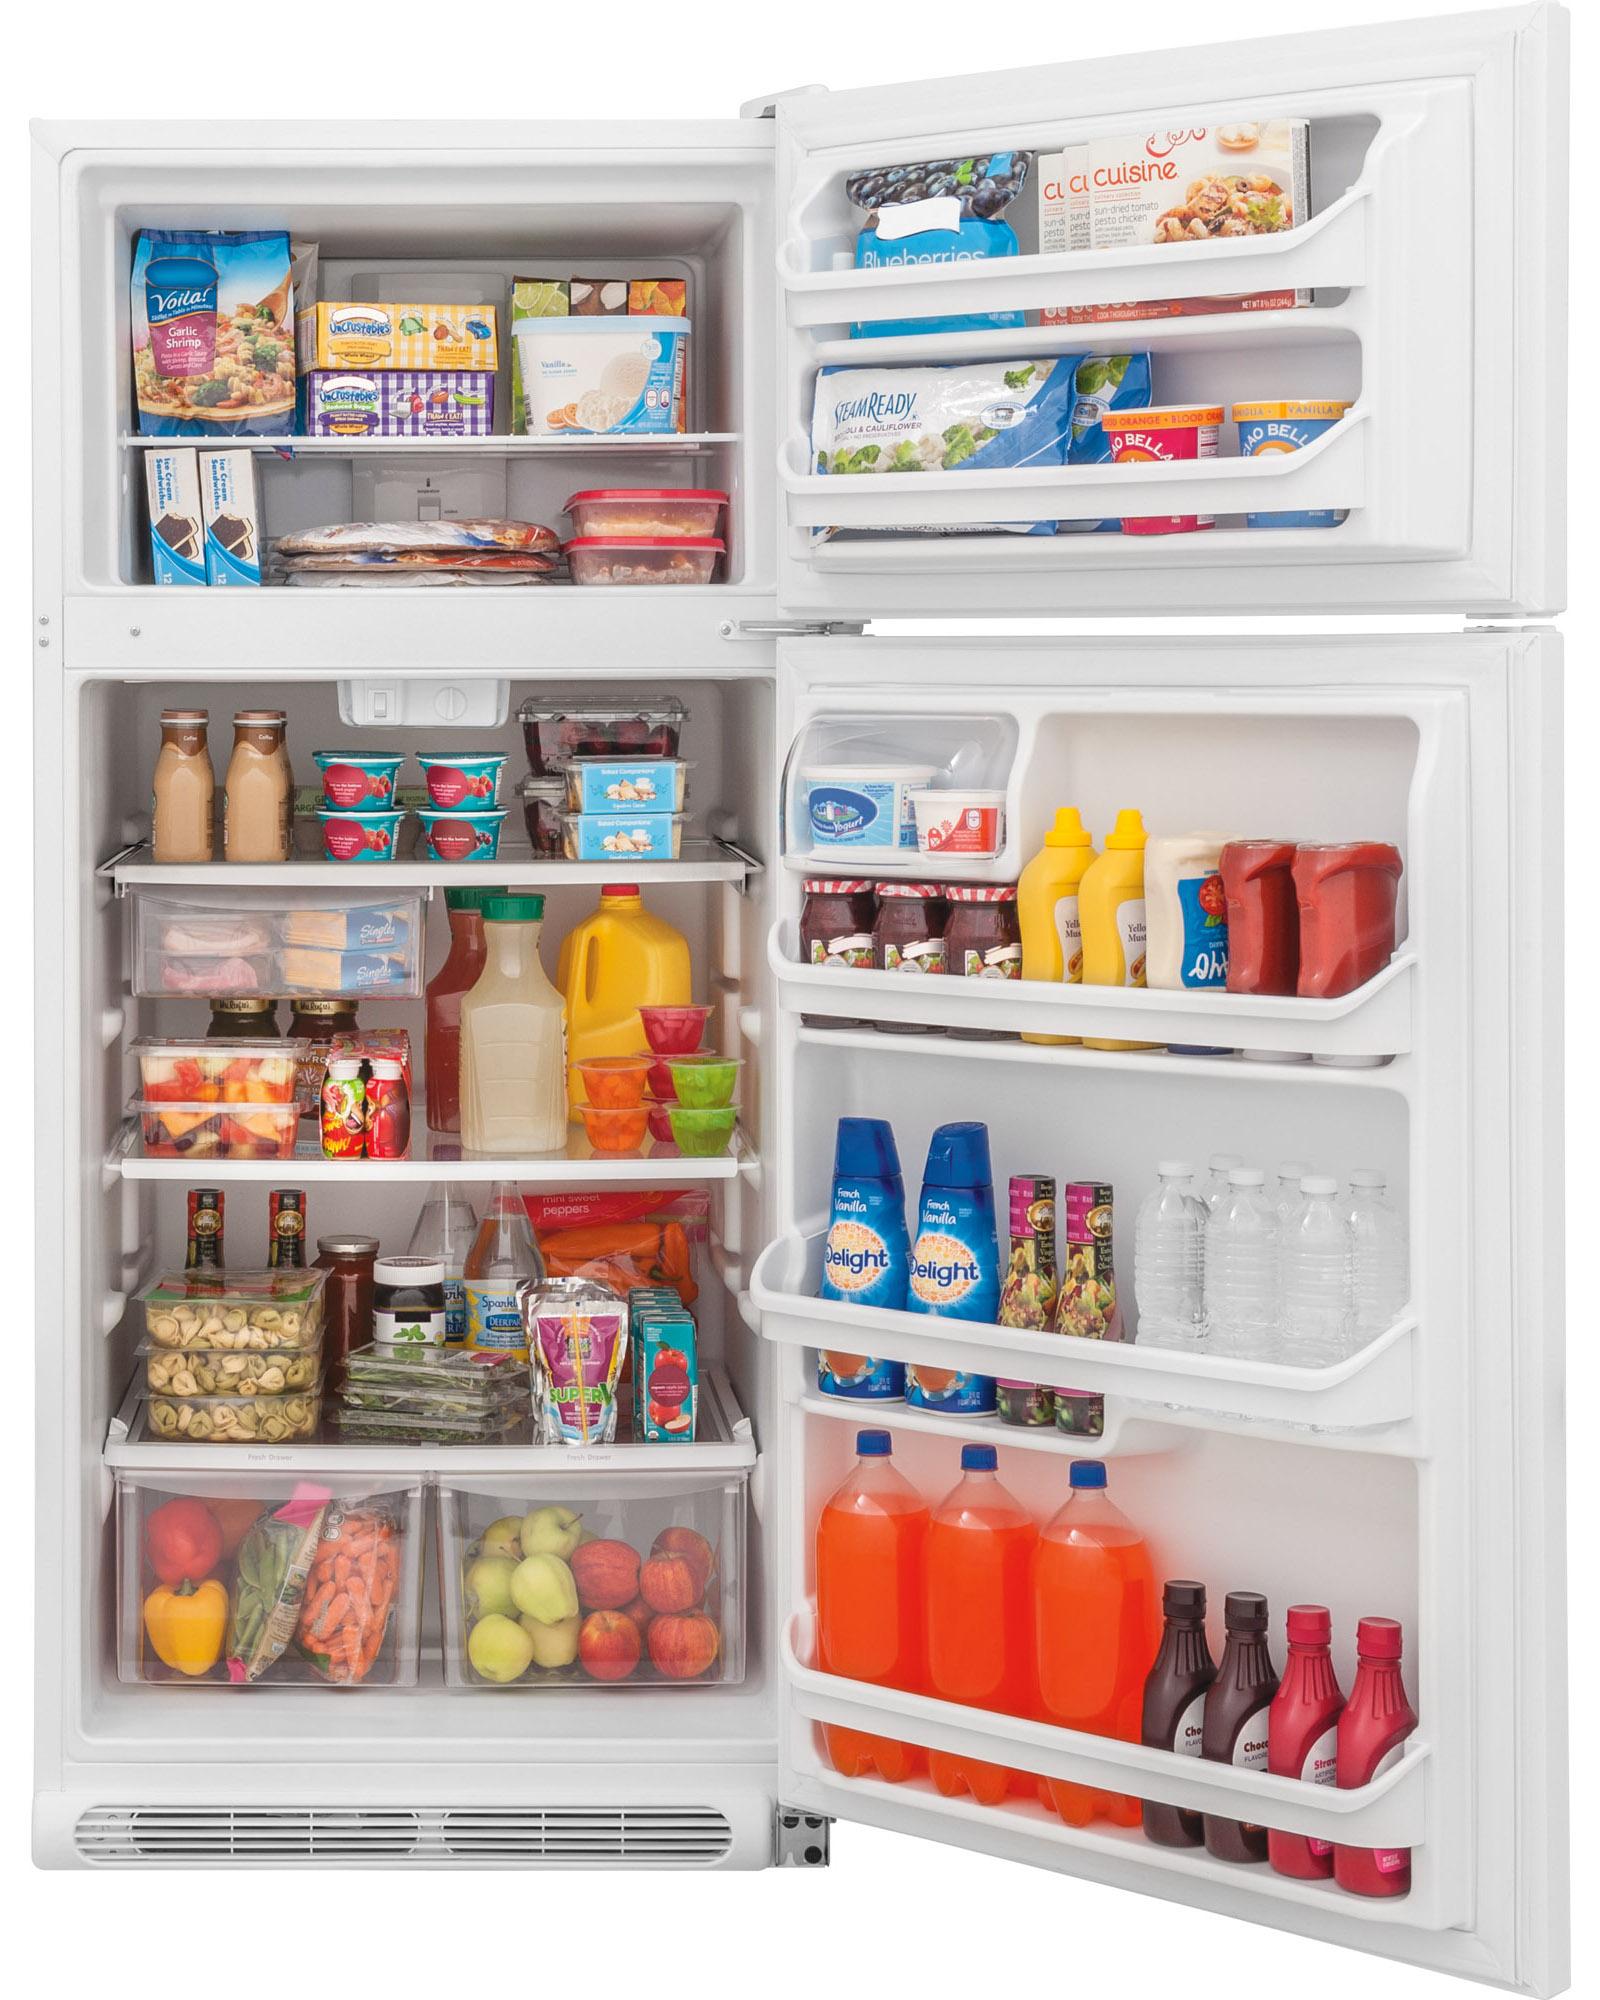 Frigidaire FFTR1821QW 18 cu. ft. Top Freezer Refrigerator - White